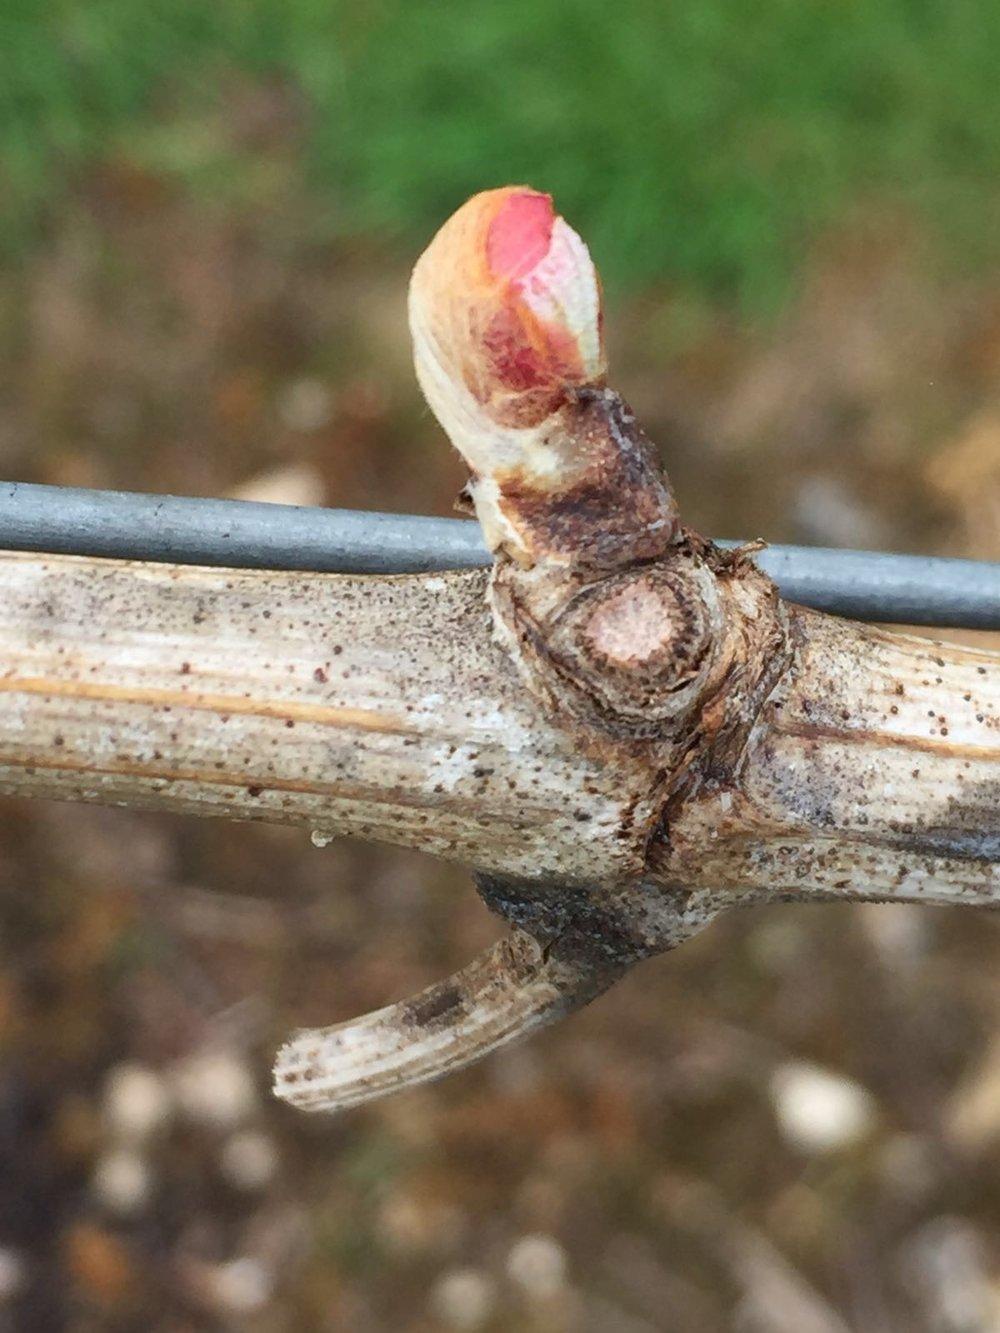 Bud burst in April